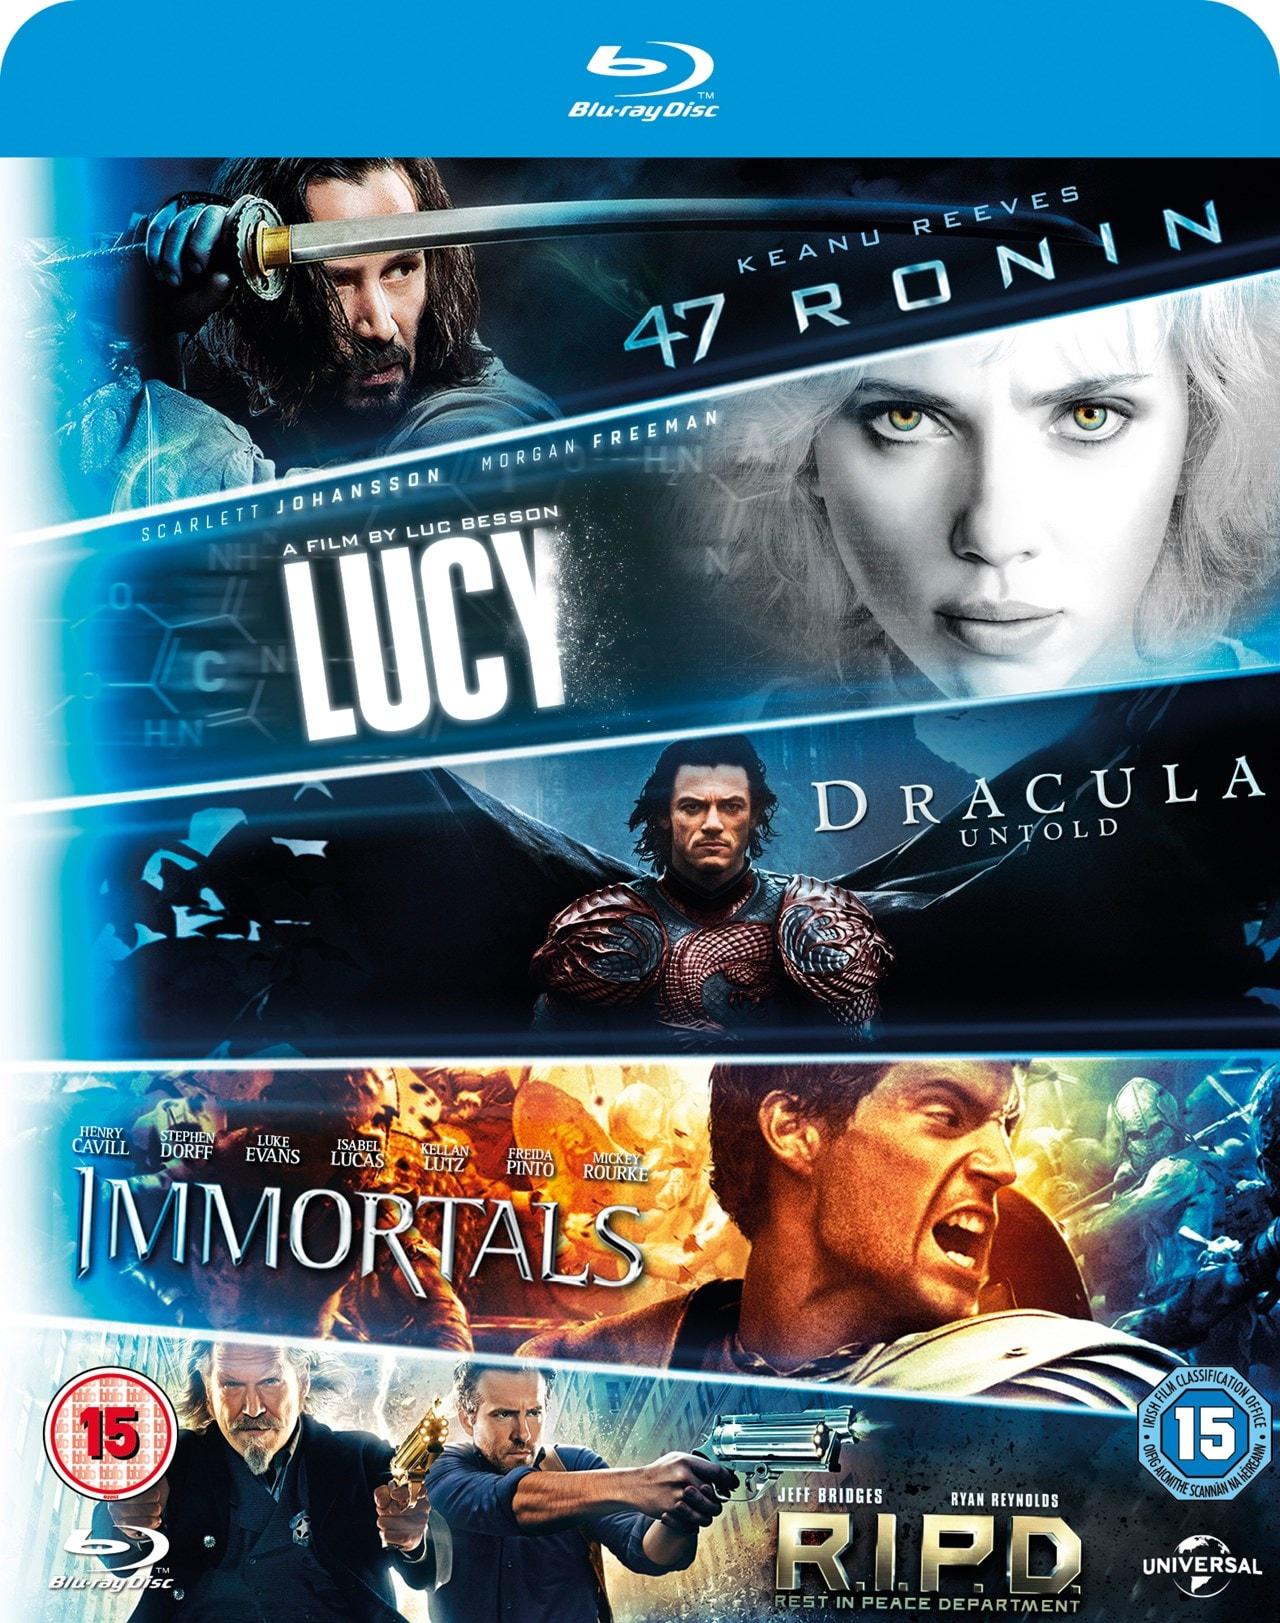 47 Ronin/R.I.P.D./Immortals/Dracula Untold/Lucy - 1